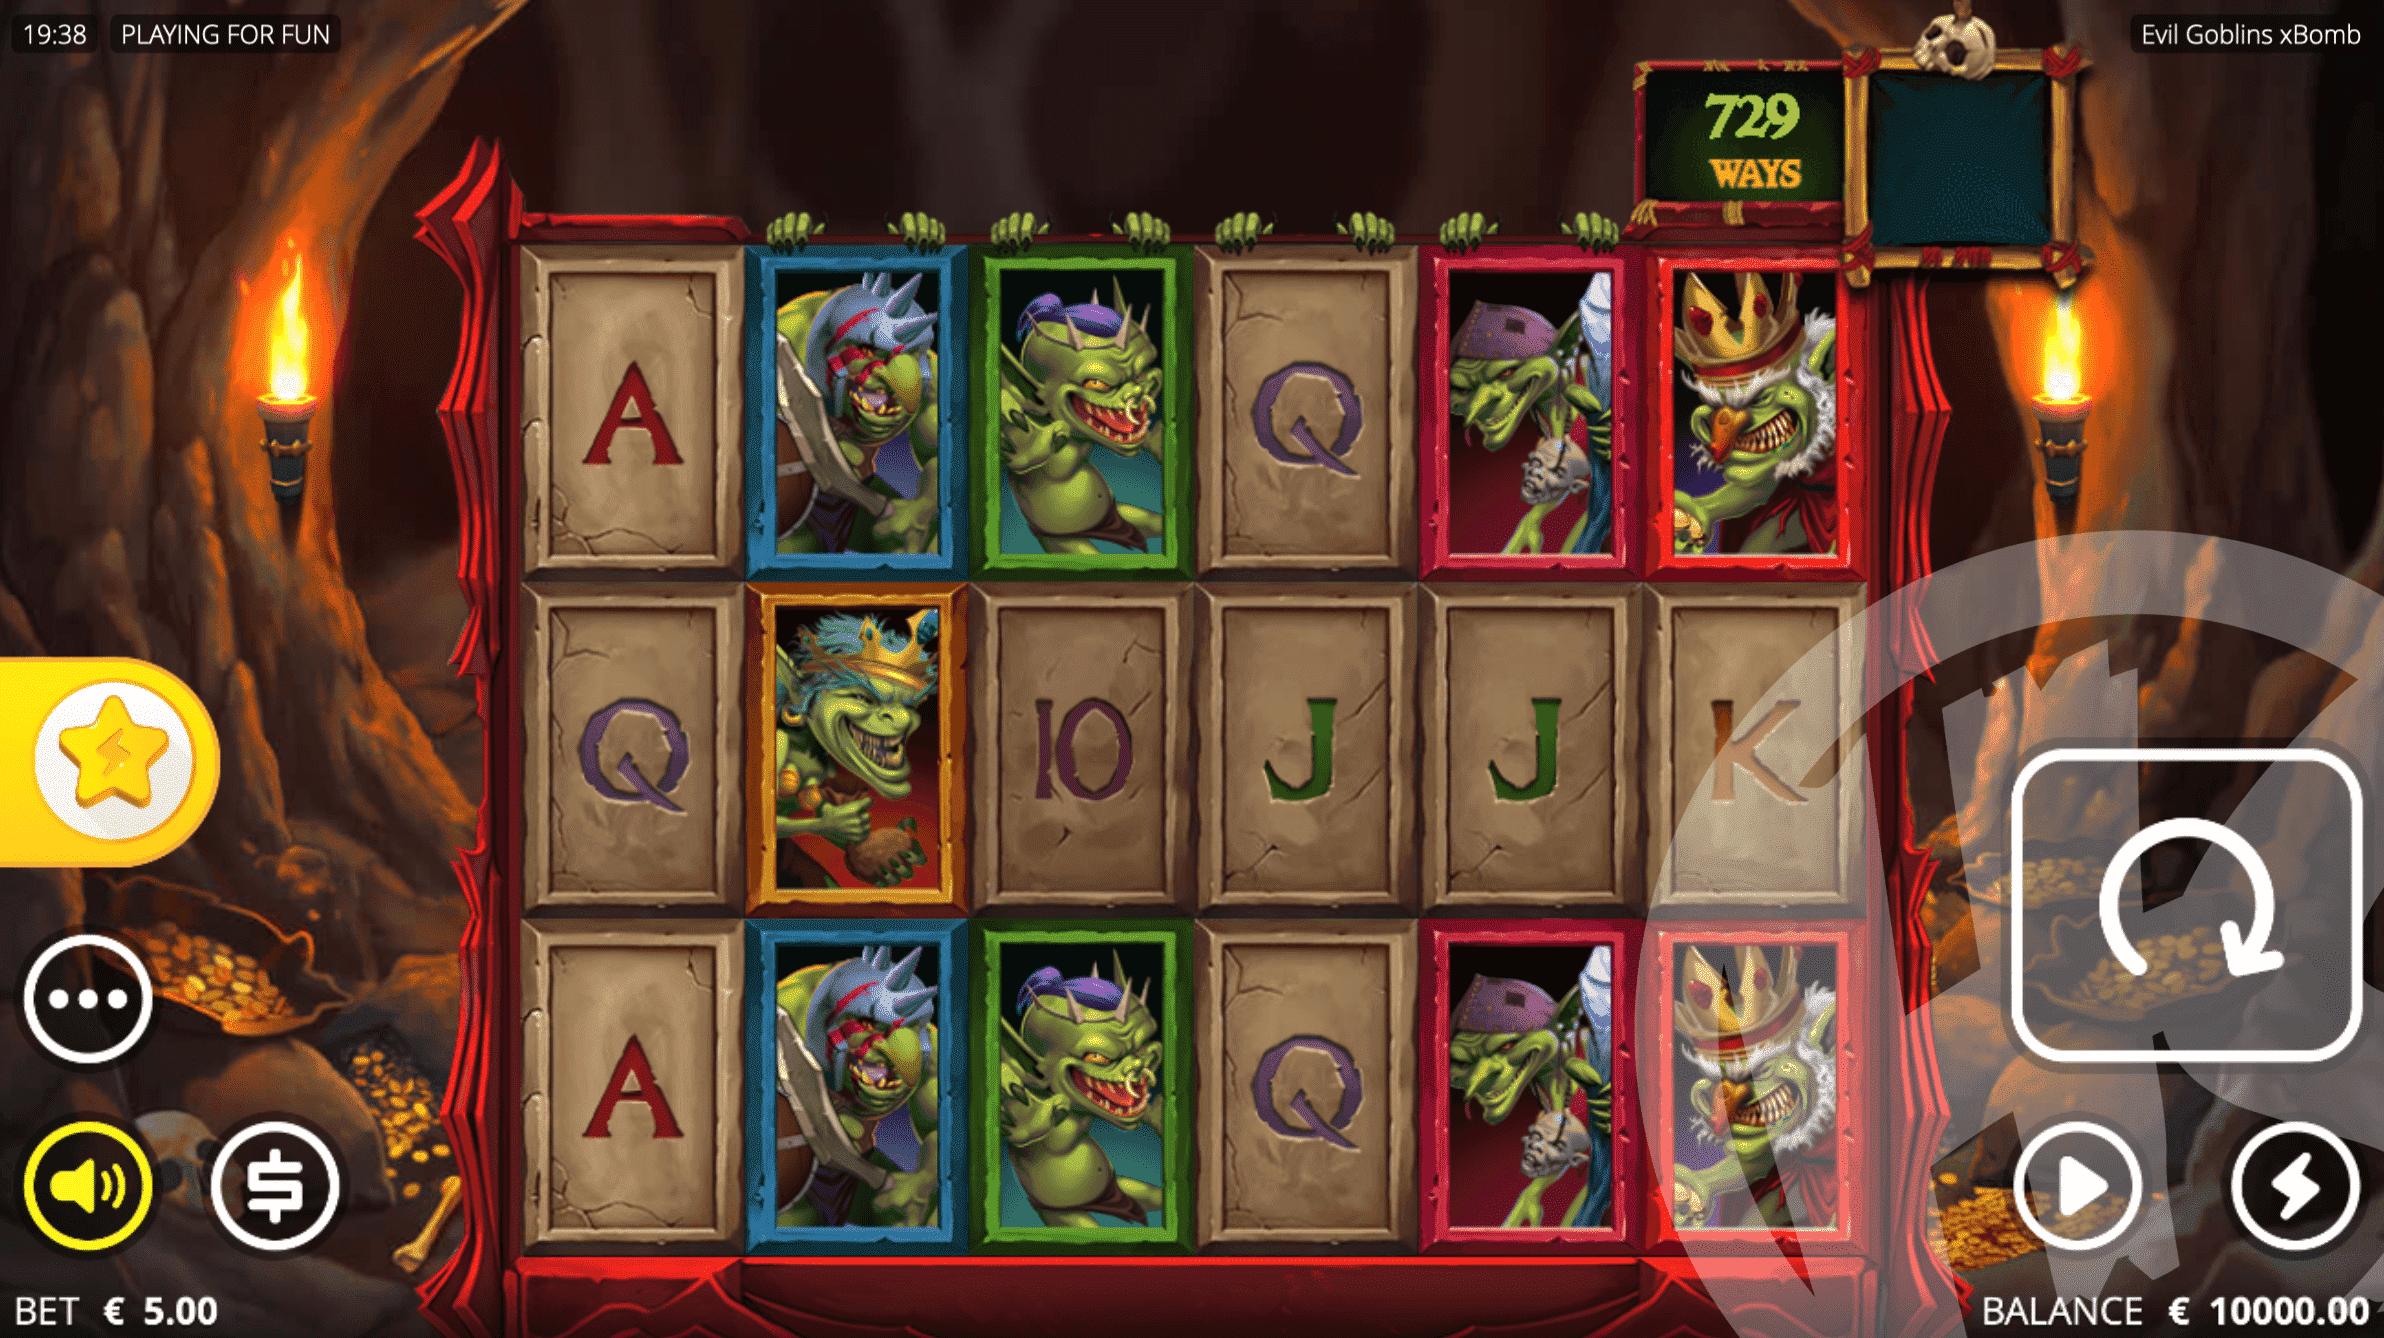 Evil Goblins xBomb Base Game